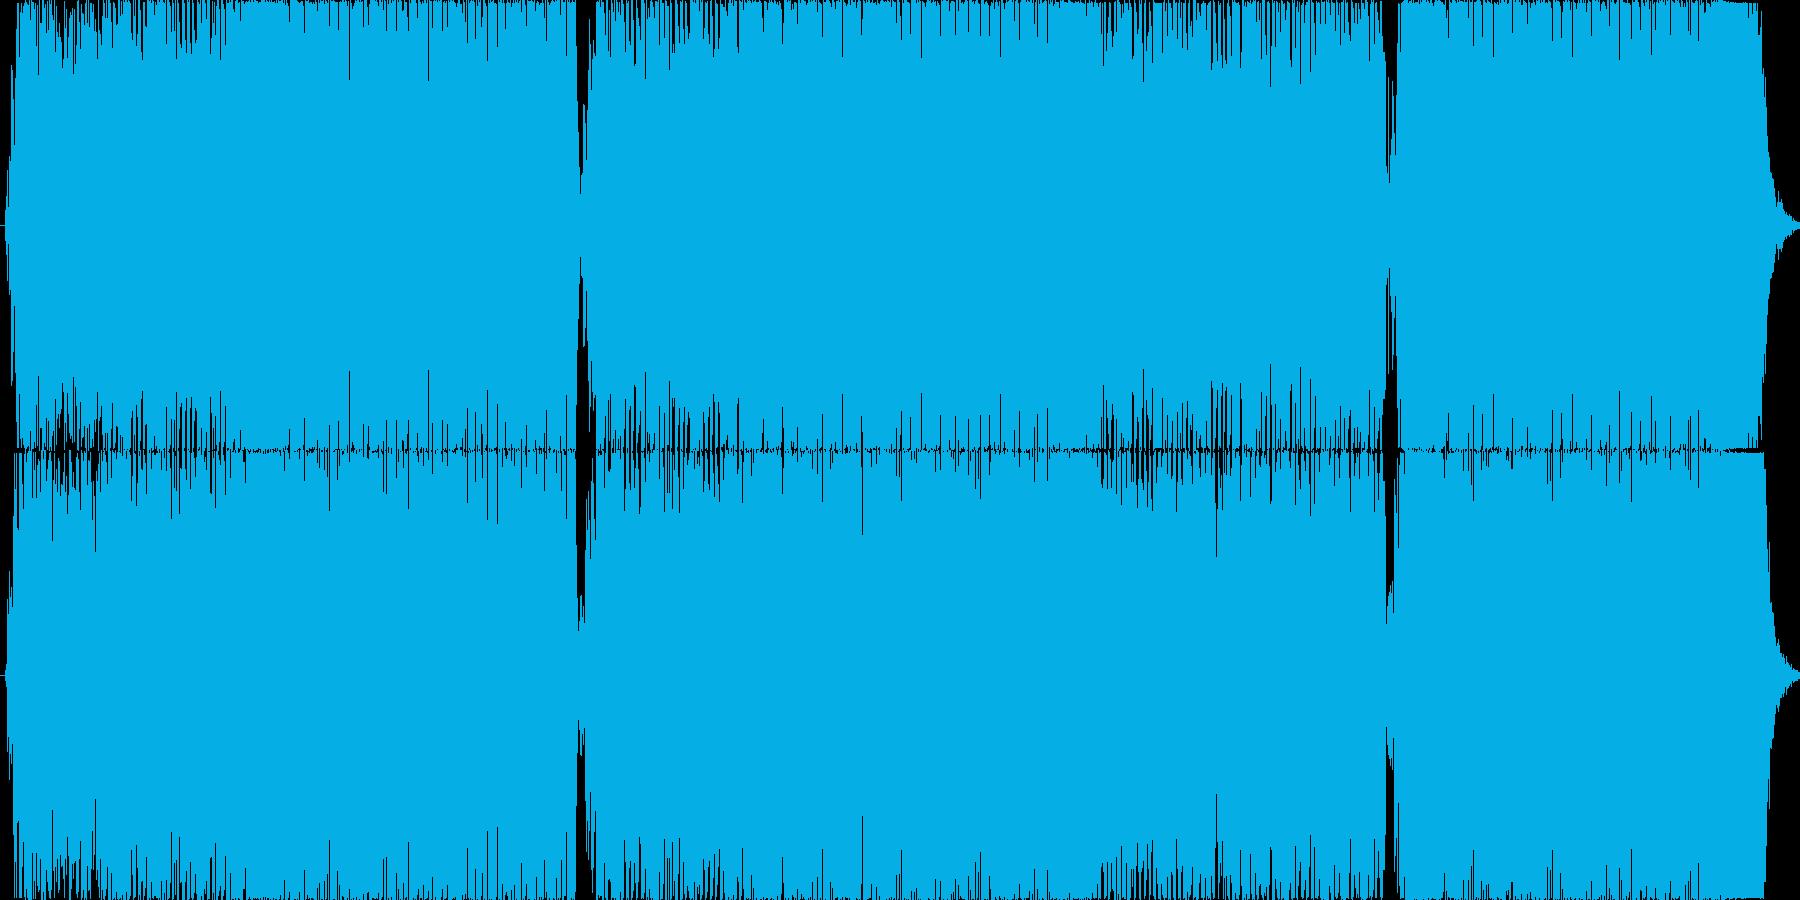 重めのギターが印象的な4分打ちの楽曲01の再生済みの波形